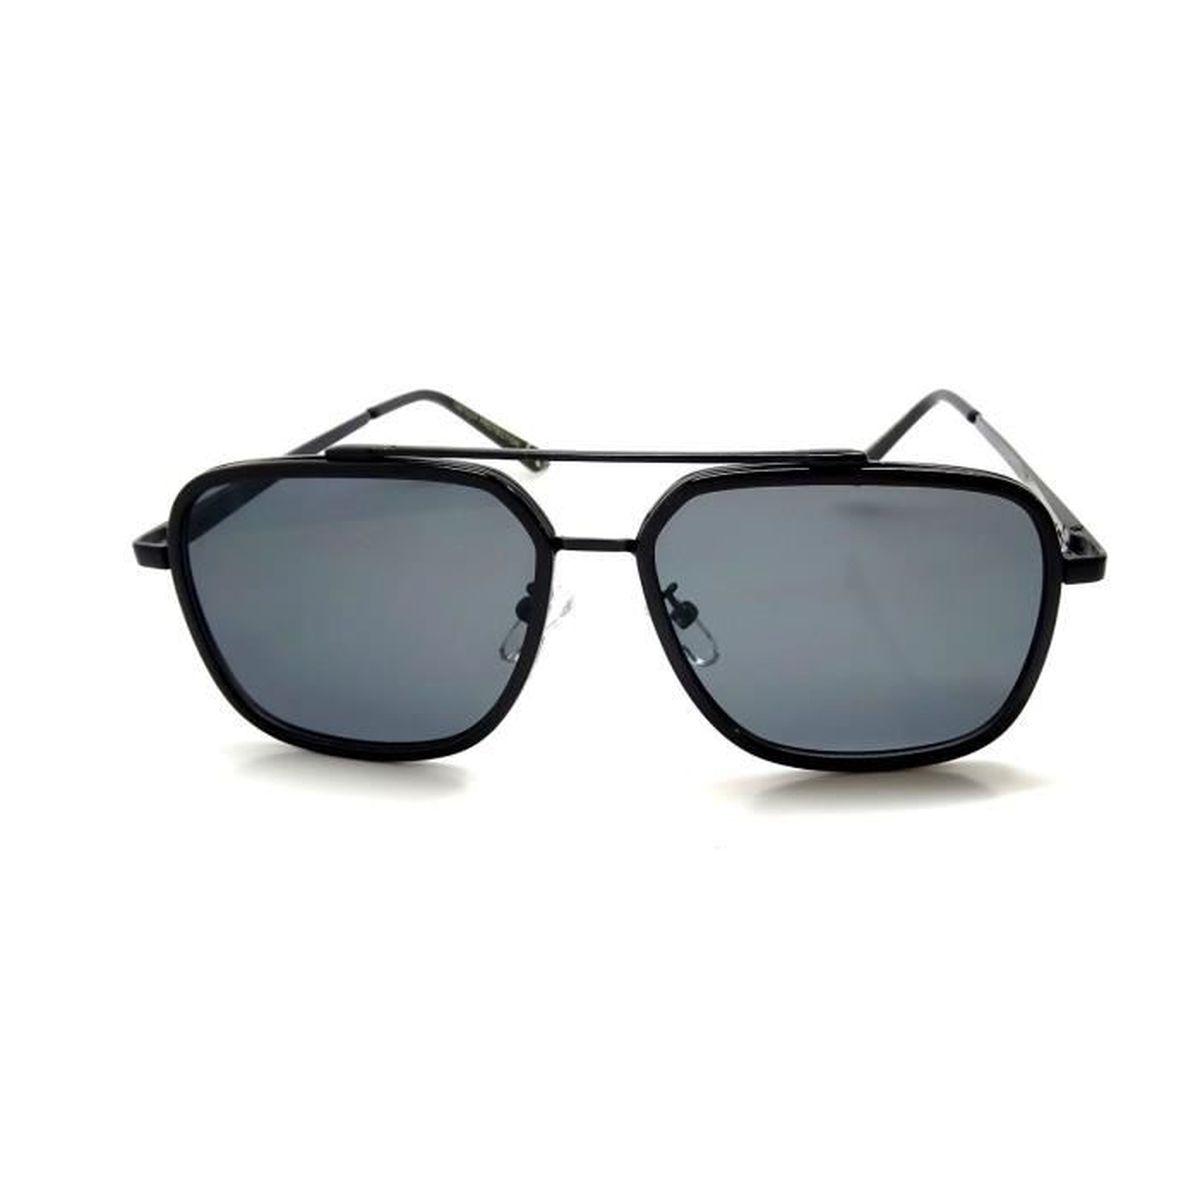 lunettes soleil homme femme rectangle swag kazal uv. Black Bedroom Furniture Sets. Home Design Ideas